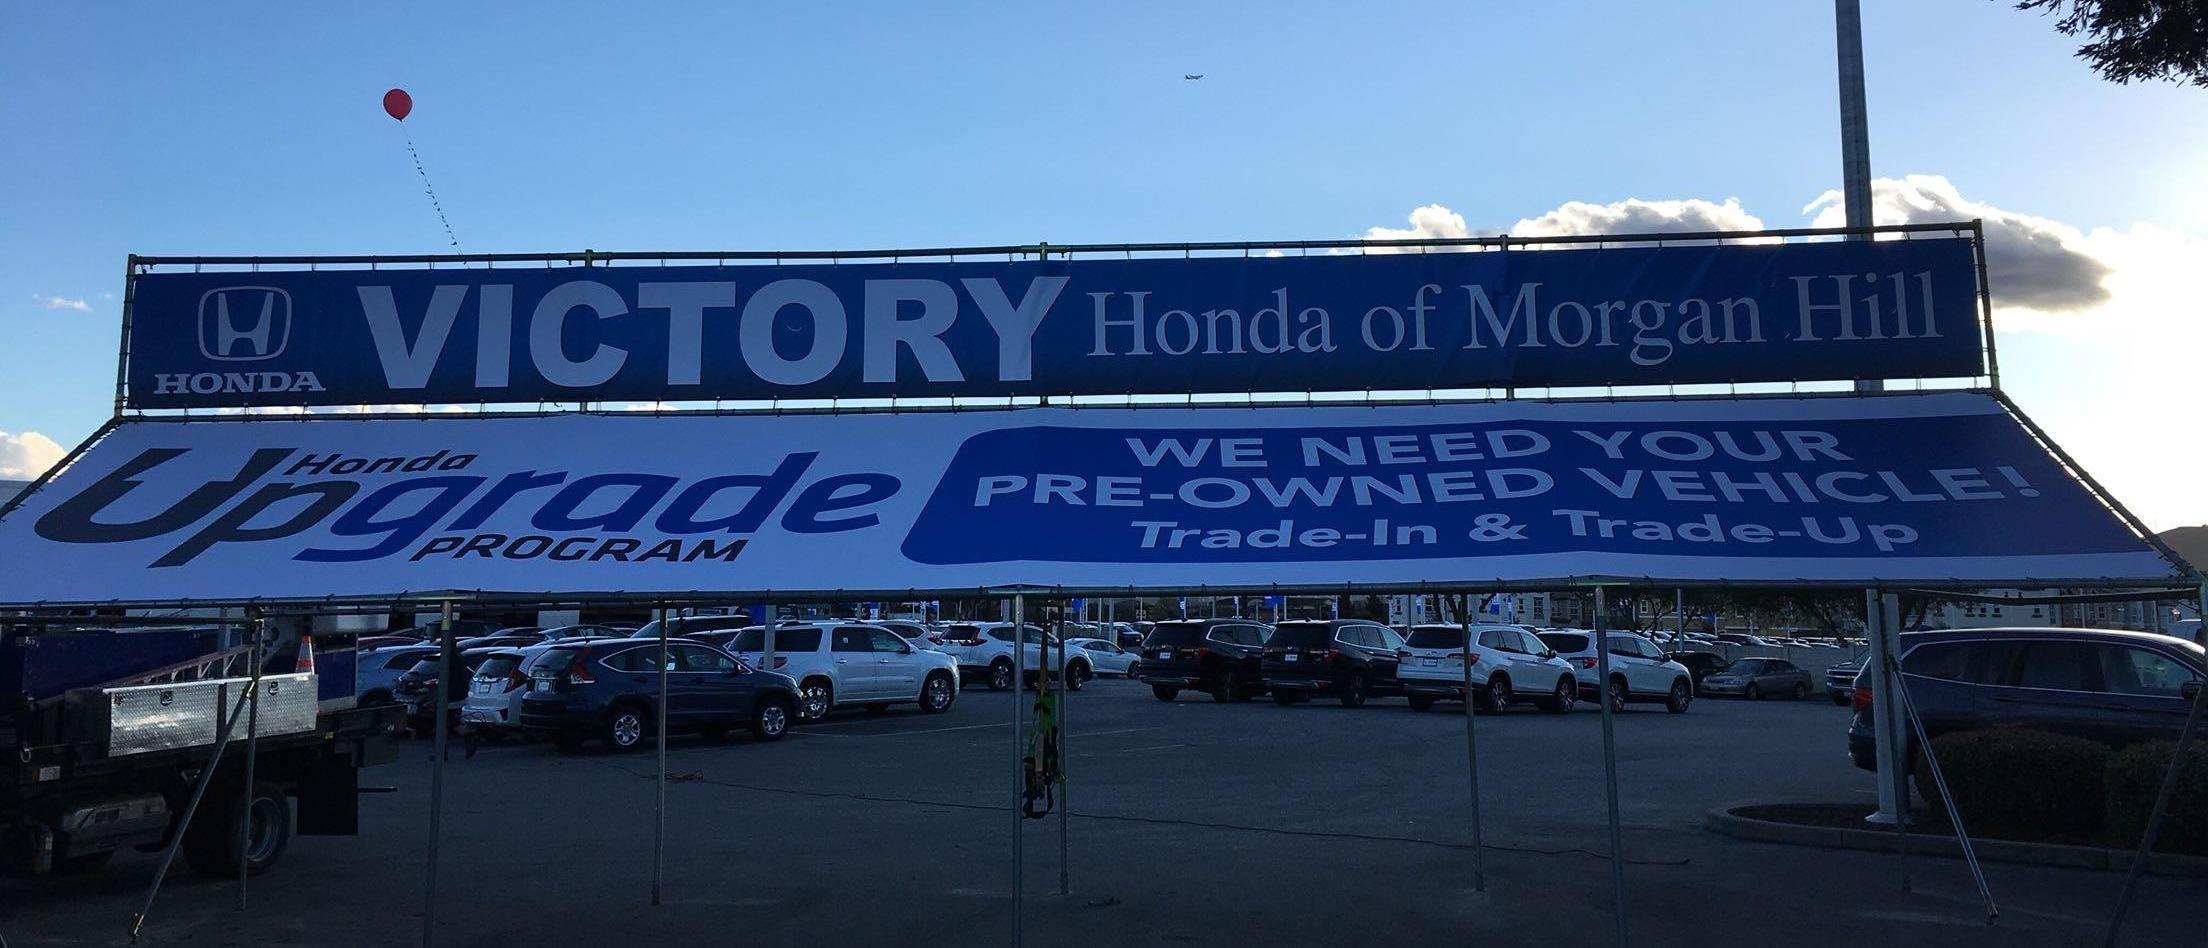 Victory Honda of Morgan Hill image 7